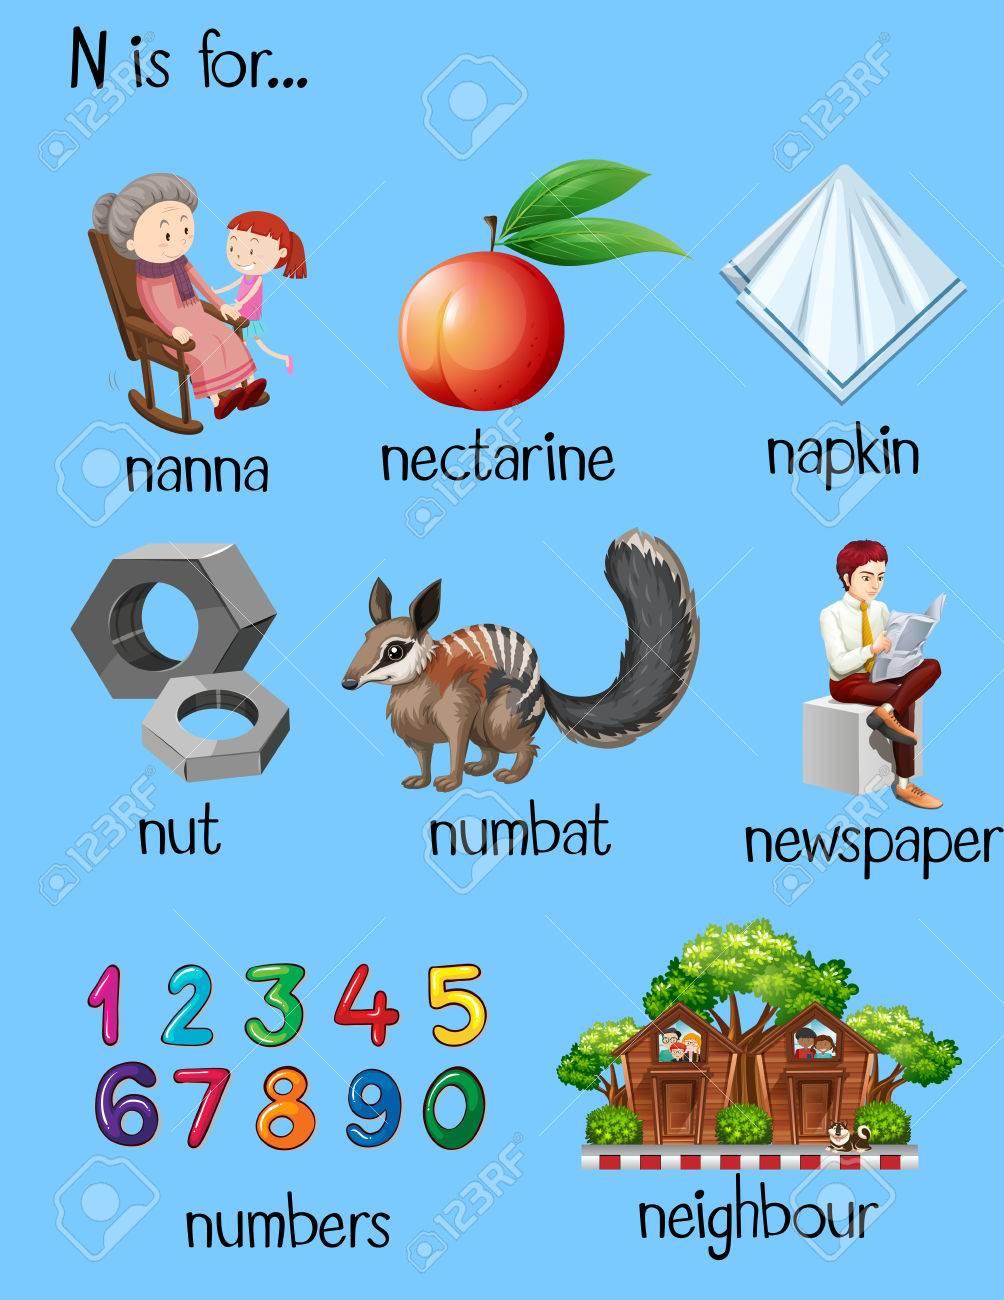 Different words for letter N illustration - 59887613